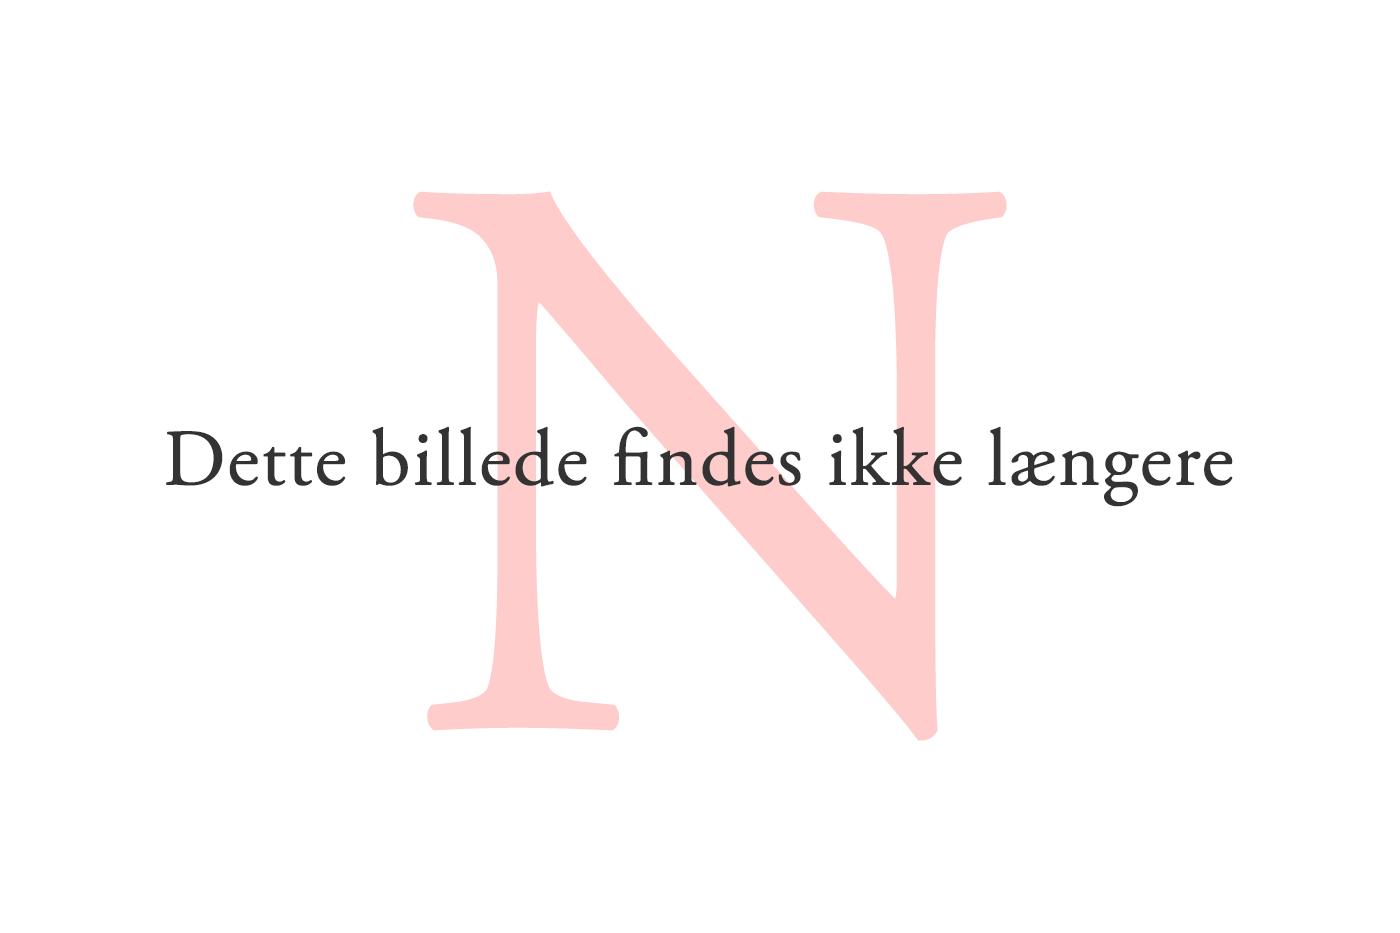 Et stort antal danskere lider af tandlægeskræk i så voldsom grad, at det påvirker deres trivsel, viser tal fra Aarhus Universitet. En af dem er 52-årige Thinna Linn Andersen, som har lidt af voldsom tandlægeskræk, siden hun var fem år. Foto: Privatfoto